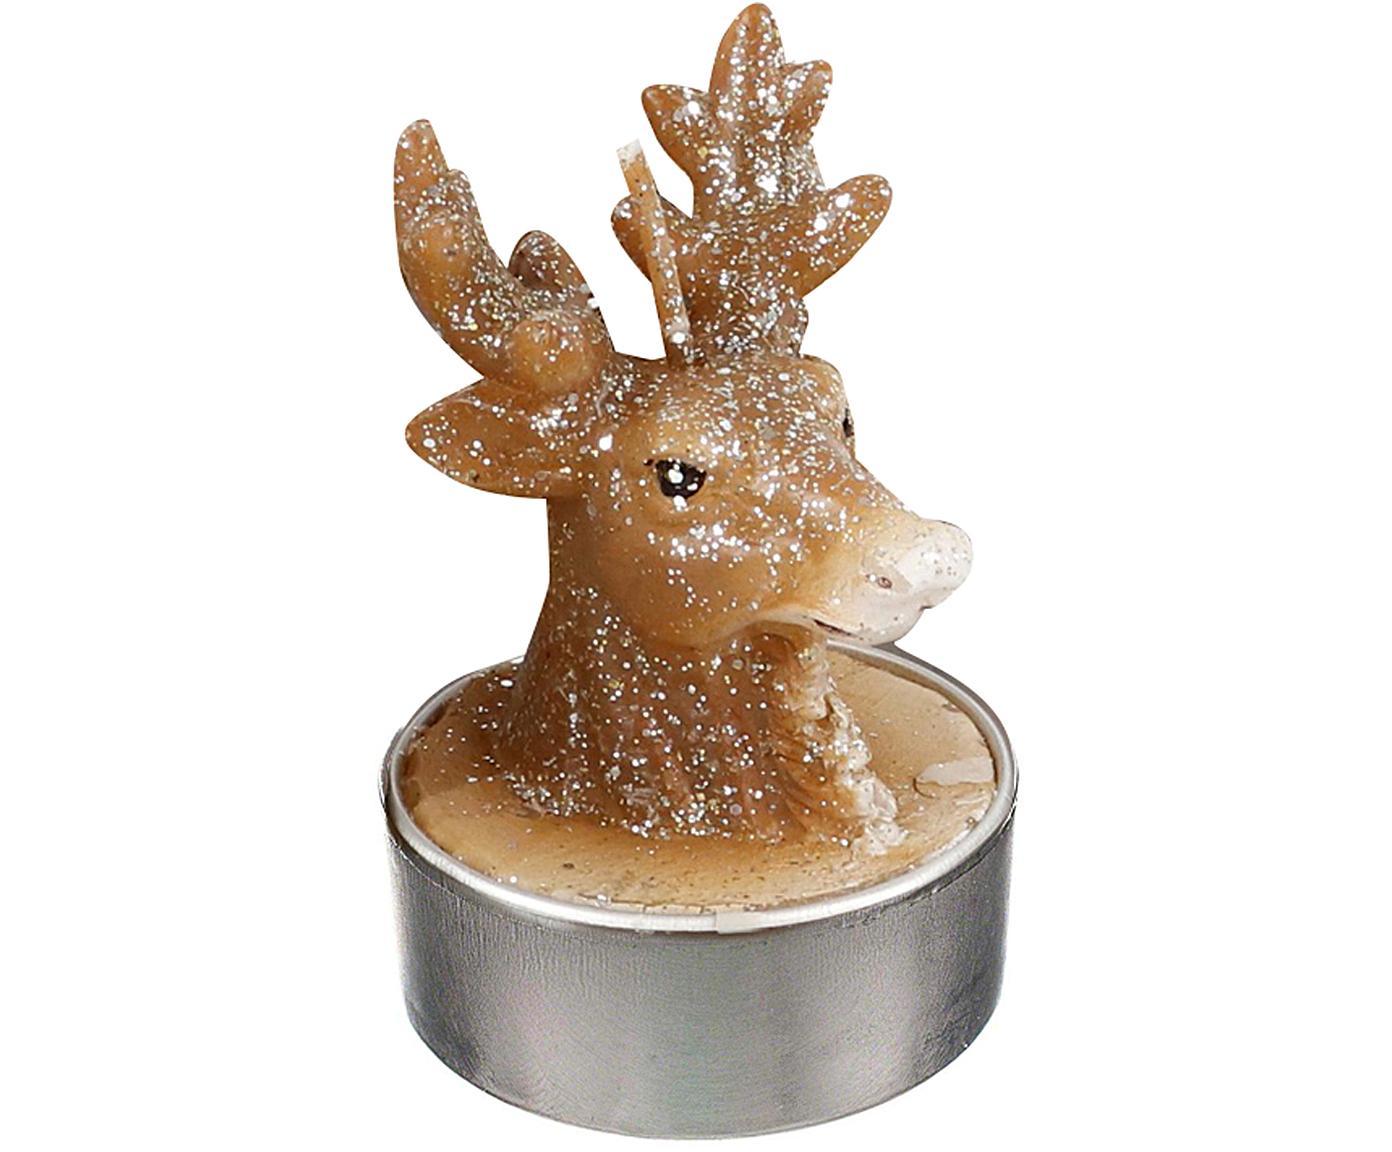 Waxinelichten Deer, 6 stuks, Was, Bruin, Ø 4 x H 6 cm